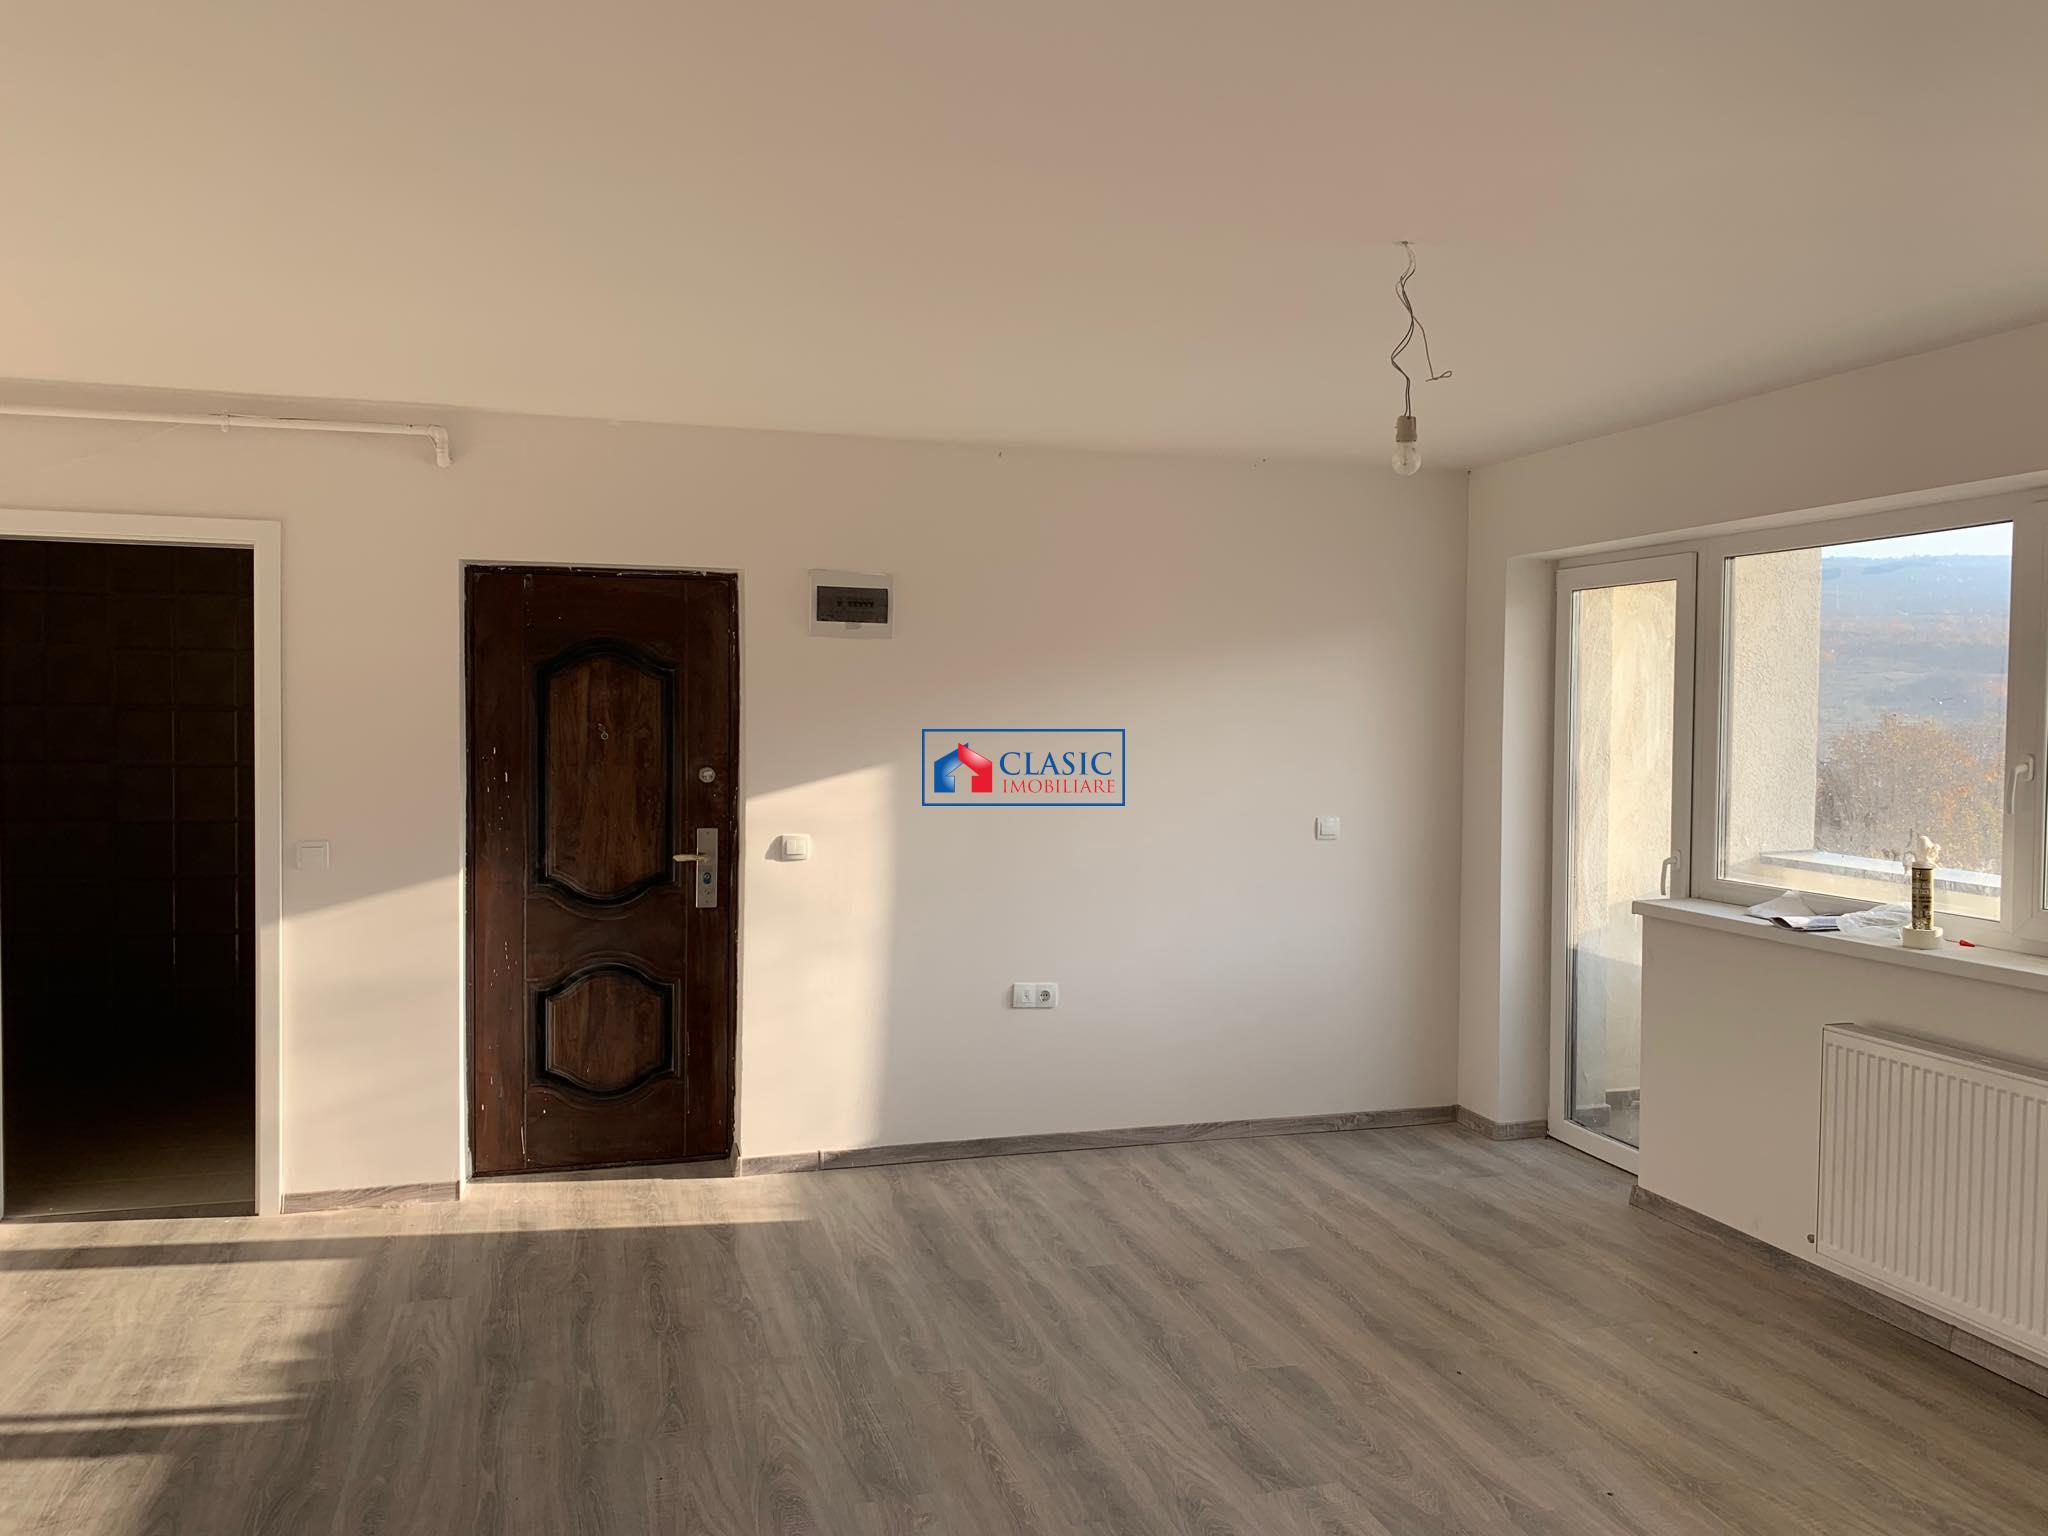 Vanzare apartament 3 camere modern in Buna Ziua  zona Hotel Athos